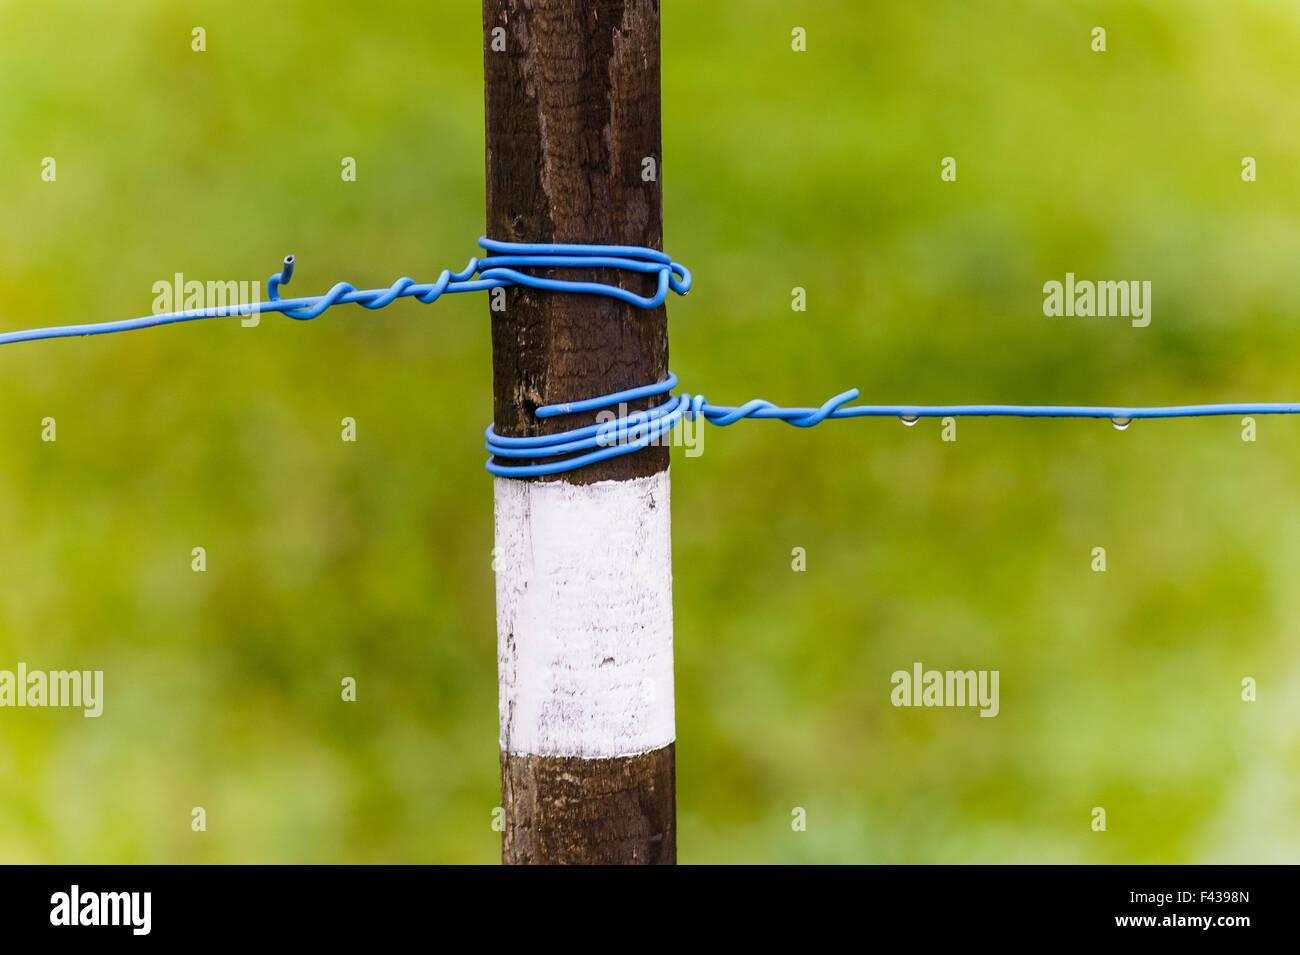 Attache avec un fil tendu Photo Stock